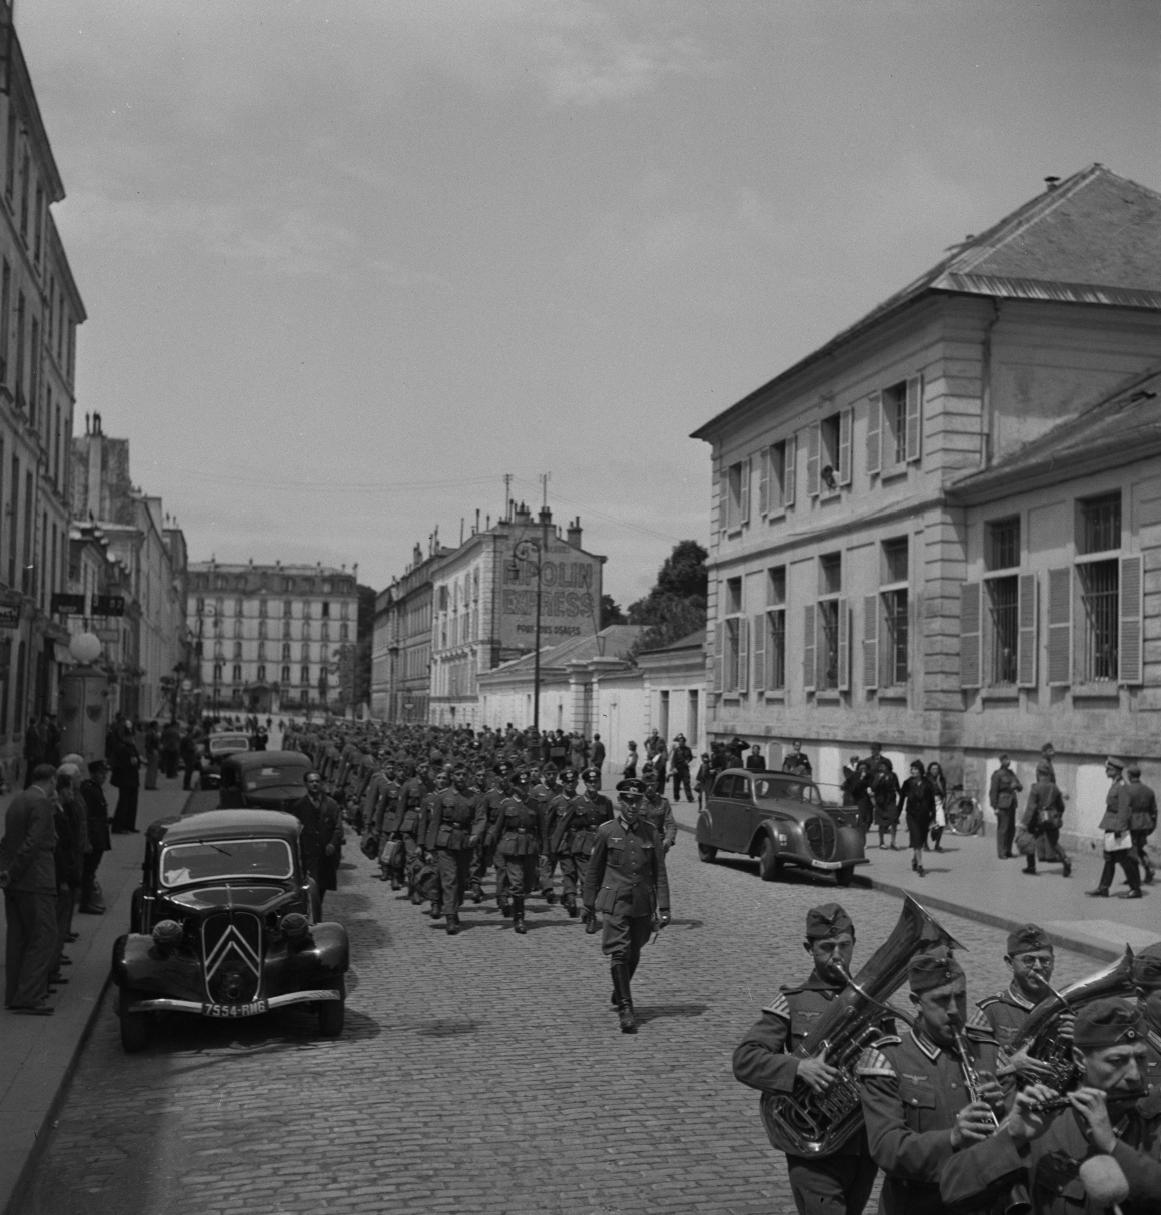 26. Легионеры проходят колонной к вокзалу по городским улицам